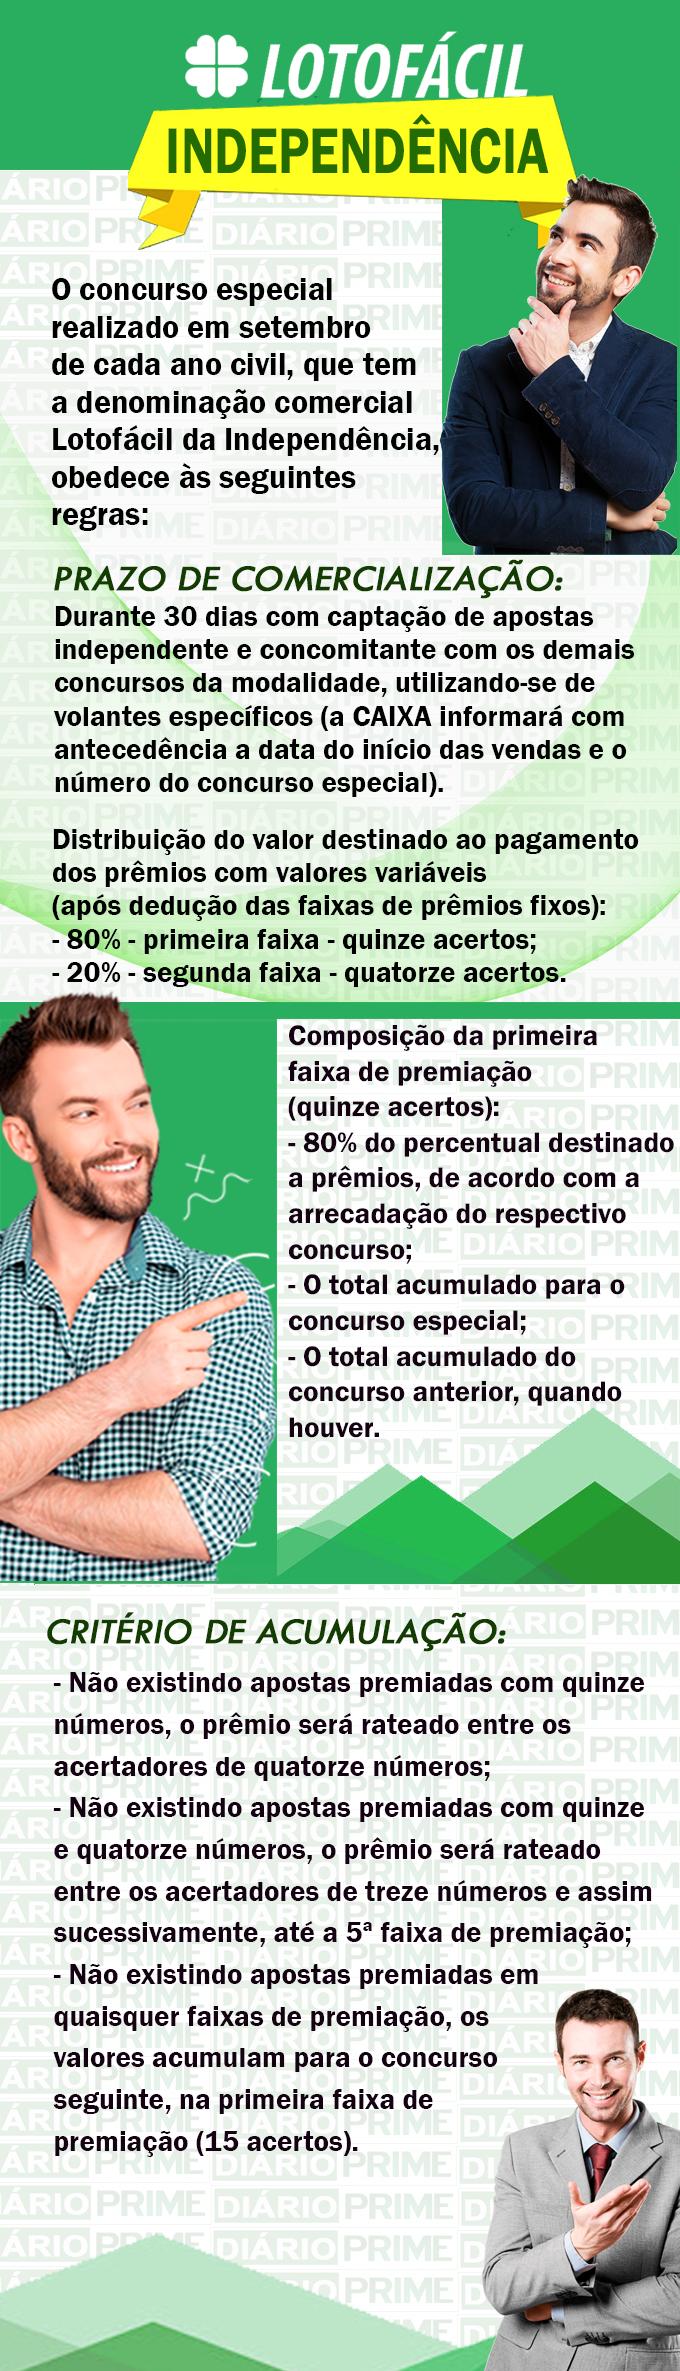 Lotofácil da Indenpêndencia / Arte : diarioprime.com.br